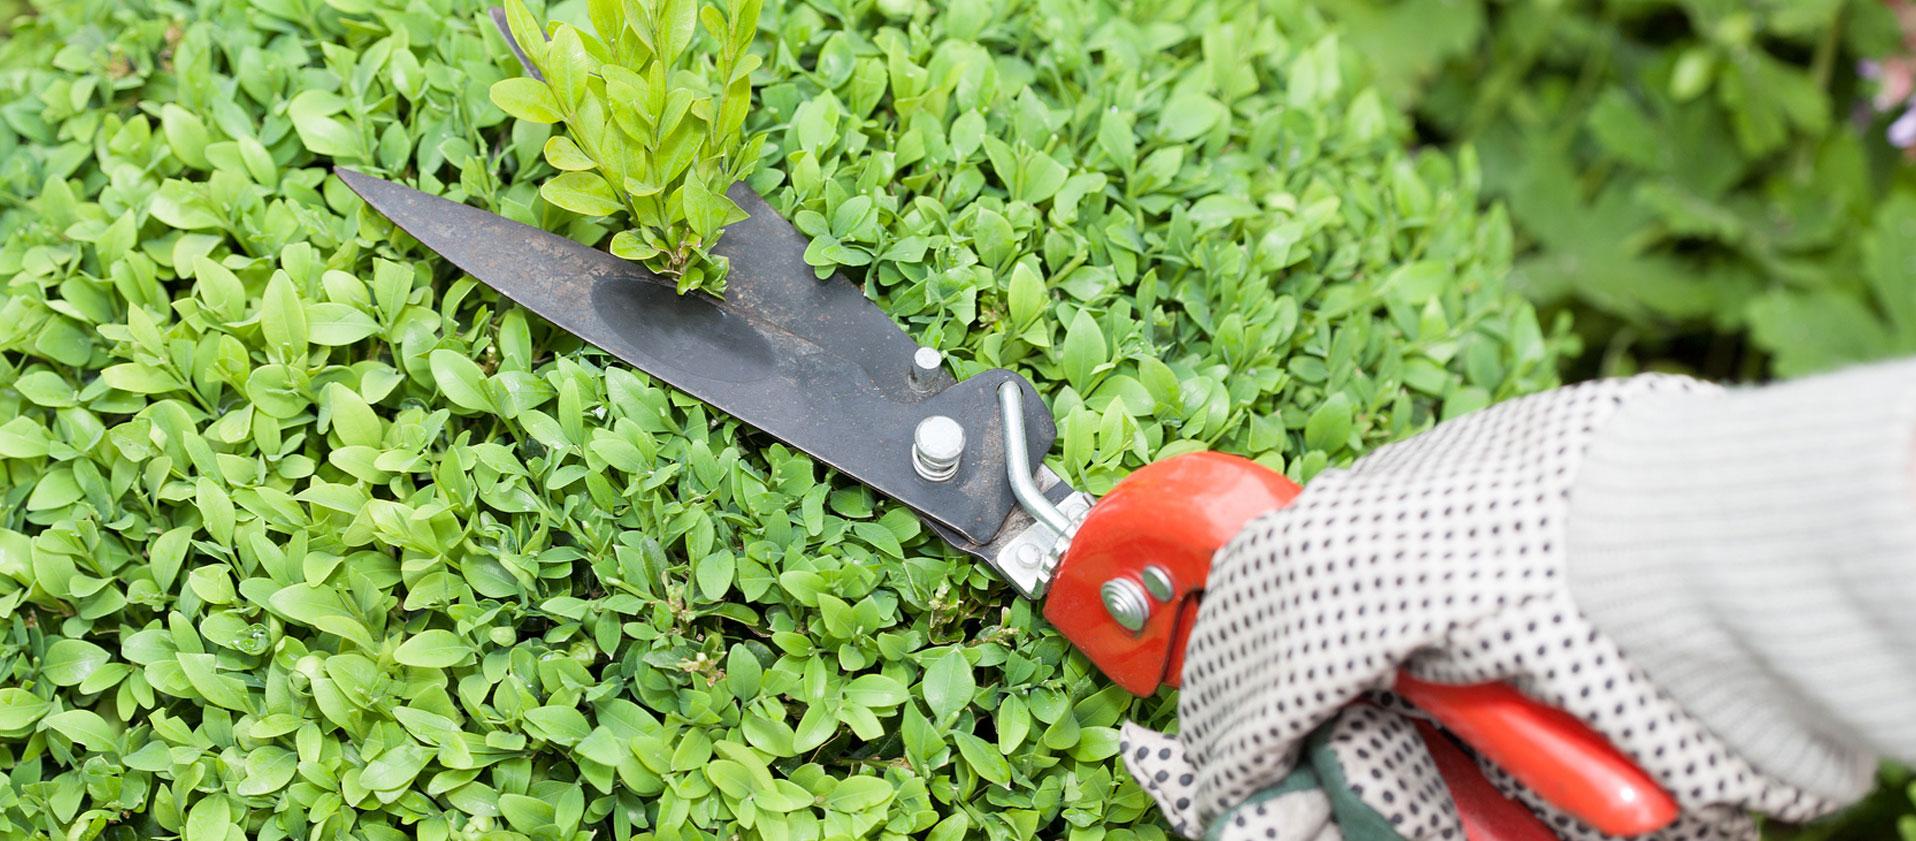 Zooagricola utensili per la manutenzione del verde